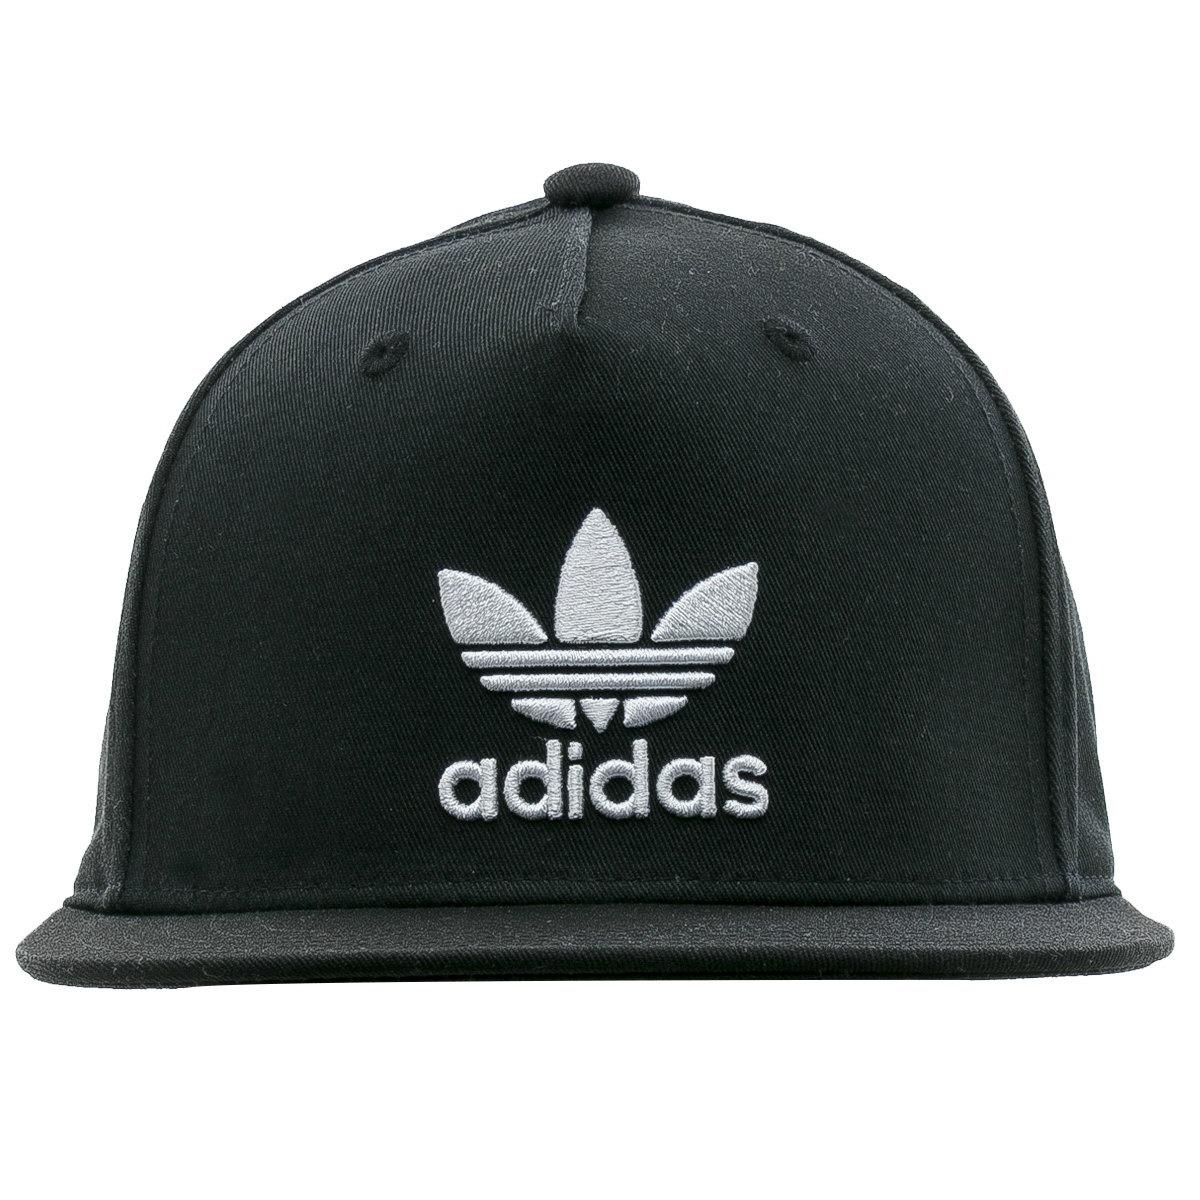 gorra originals ac adidas originals tienda oficial. Cargando zoom. f2fe0058a68